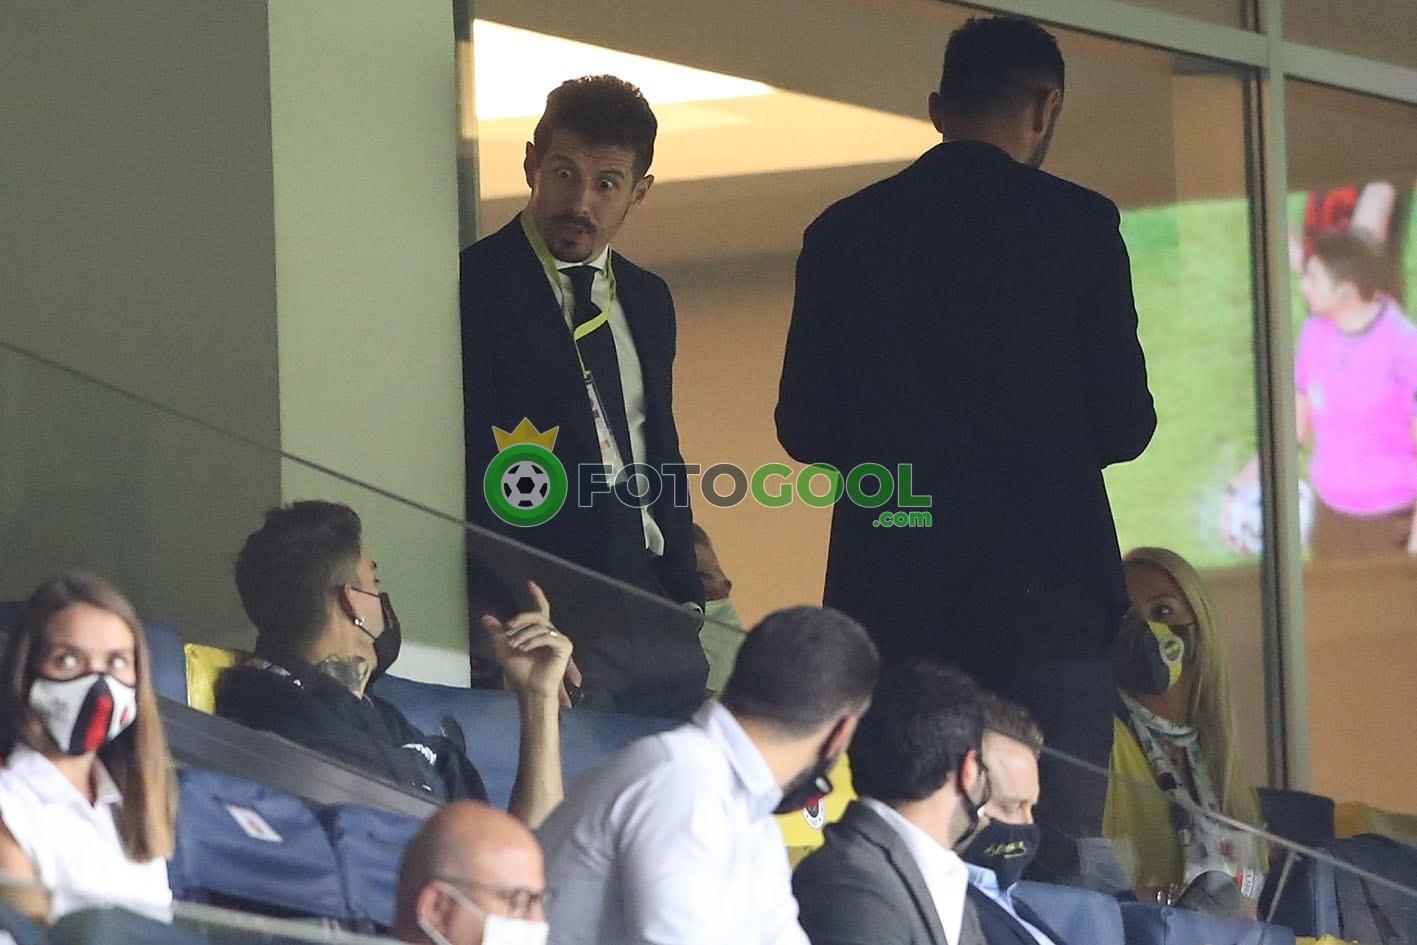 Belezoğlu ile Diego Perotti ilginç sohbeti